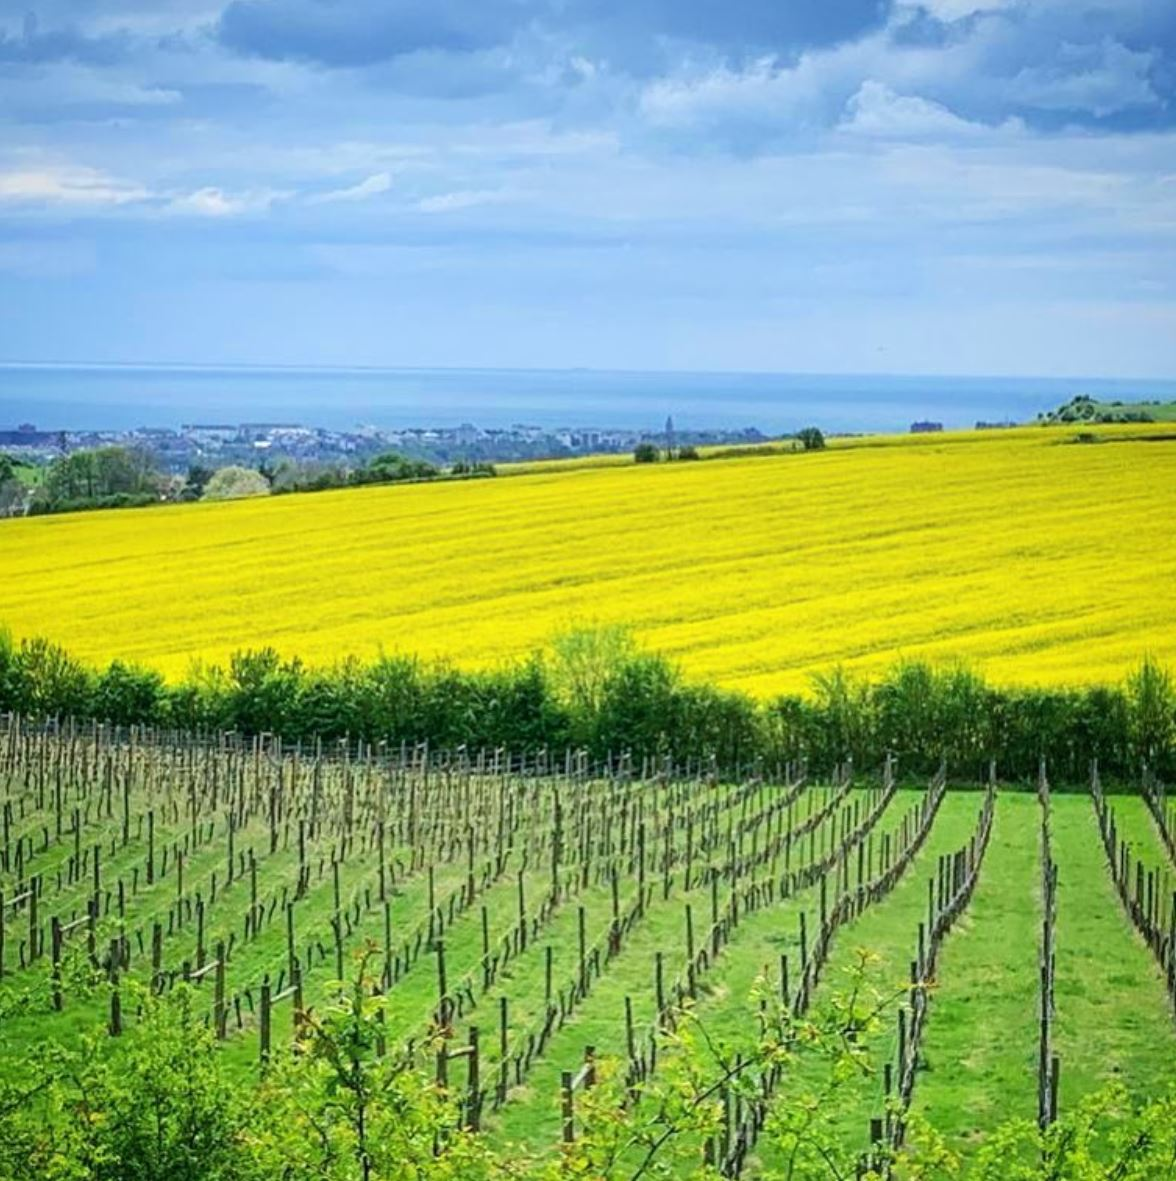 Terlingham Vineyard in the Spring